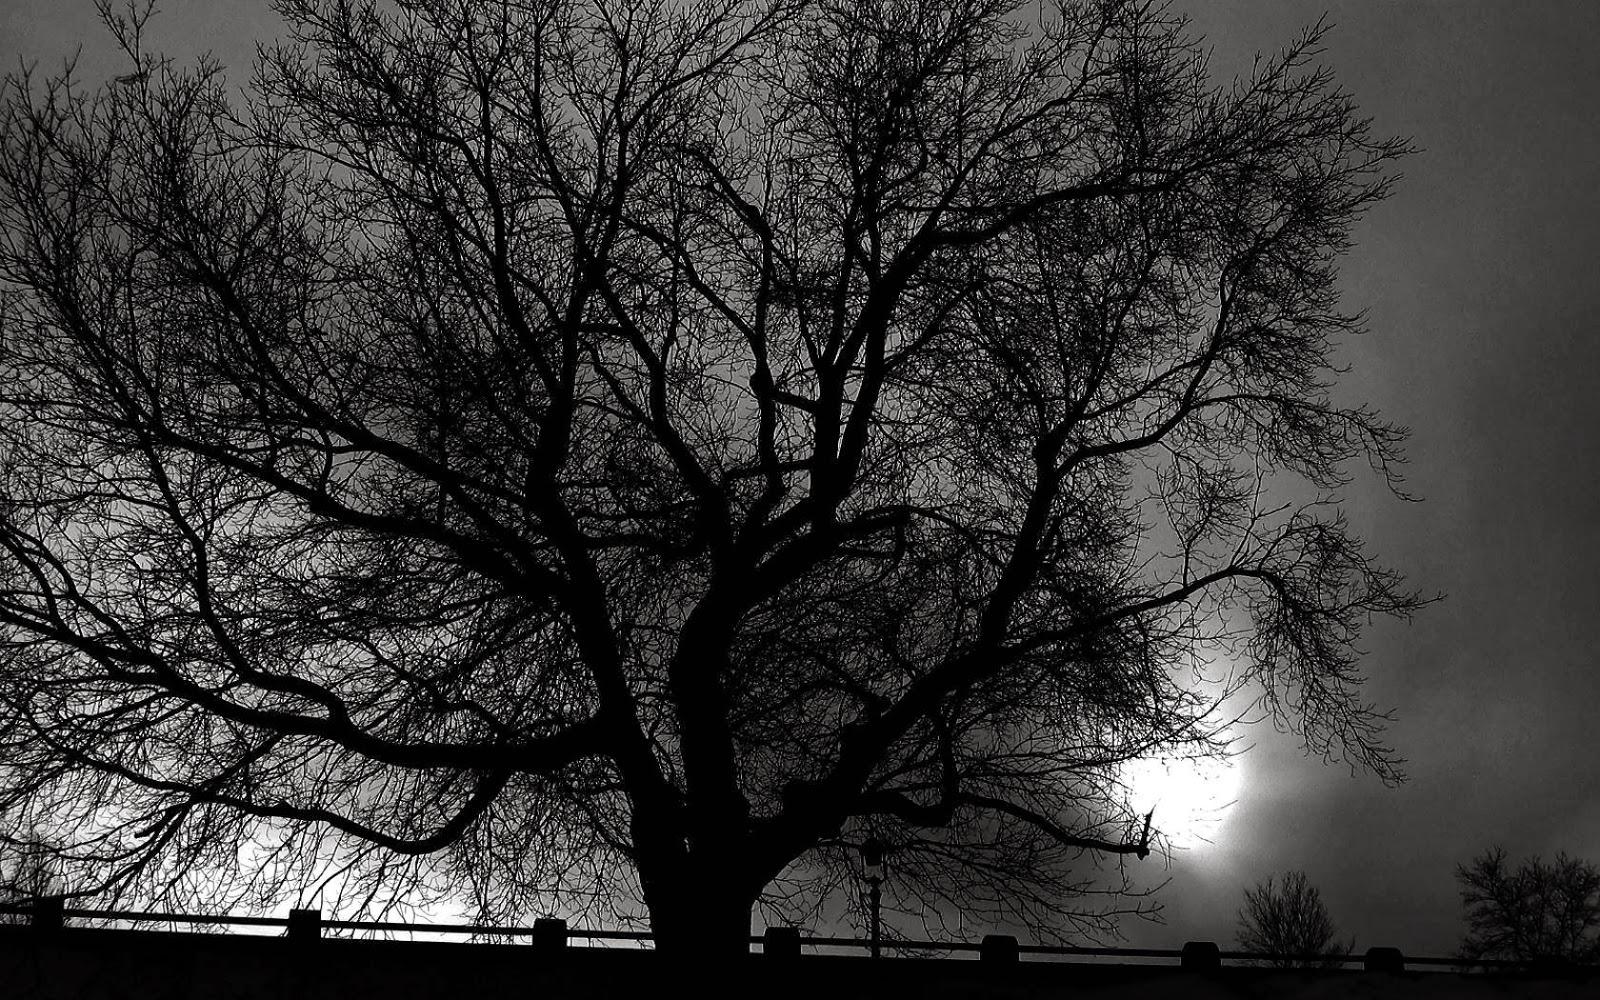 Fondo de pantalla naturaleza arbol solitario en blanco y negro for Fondo blanco wallpaper